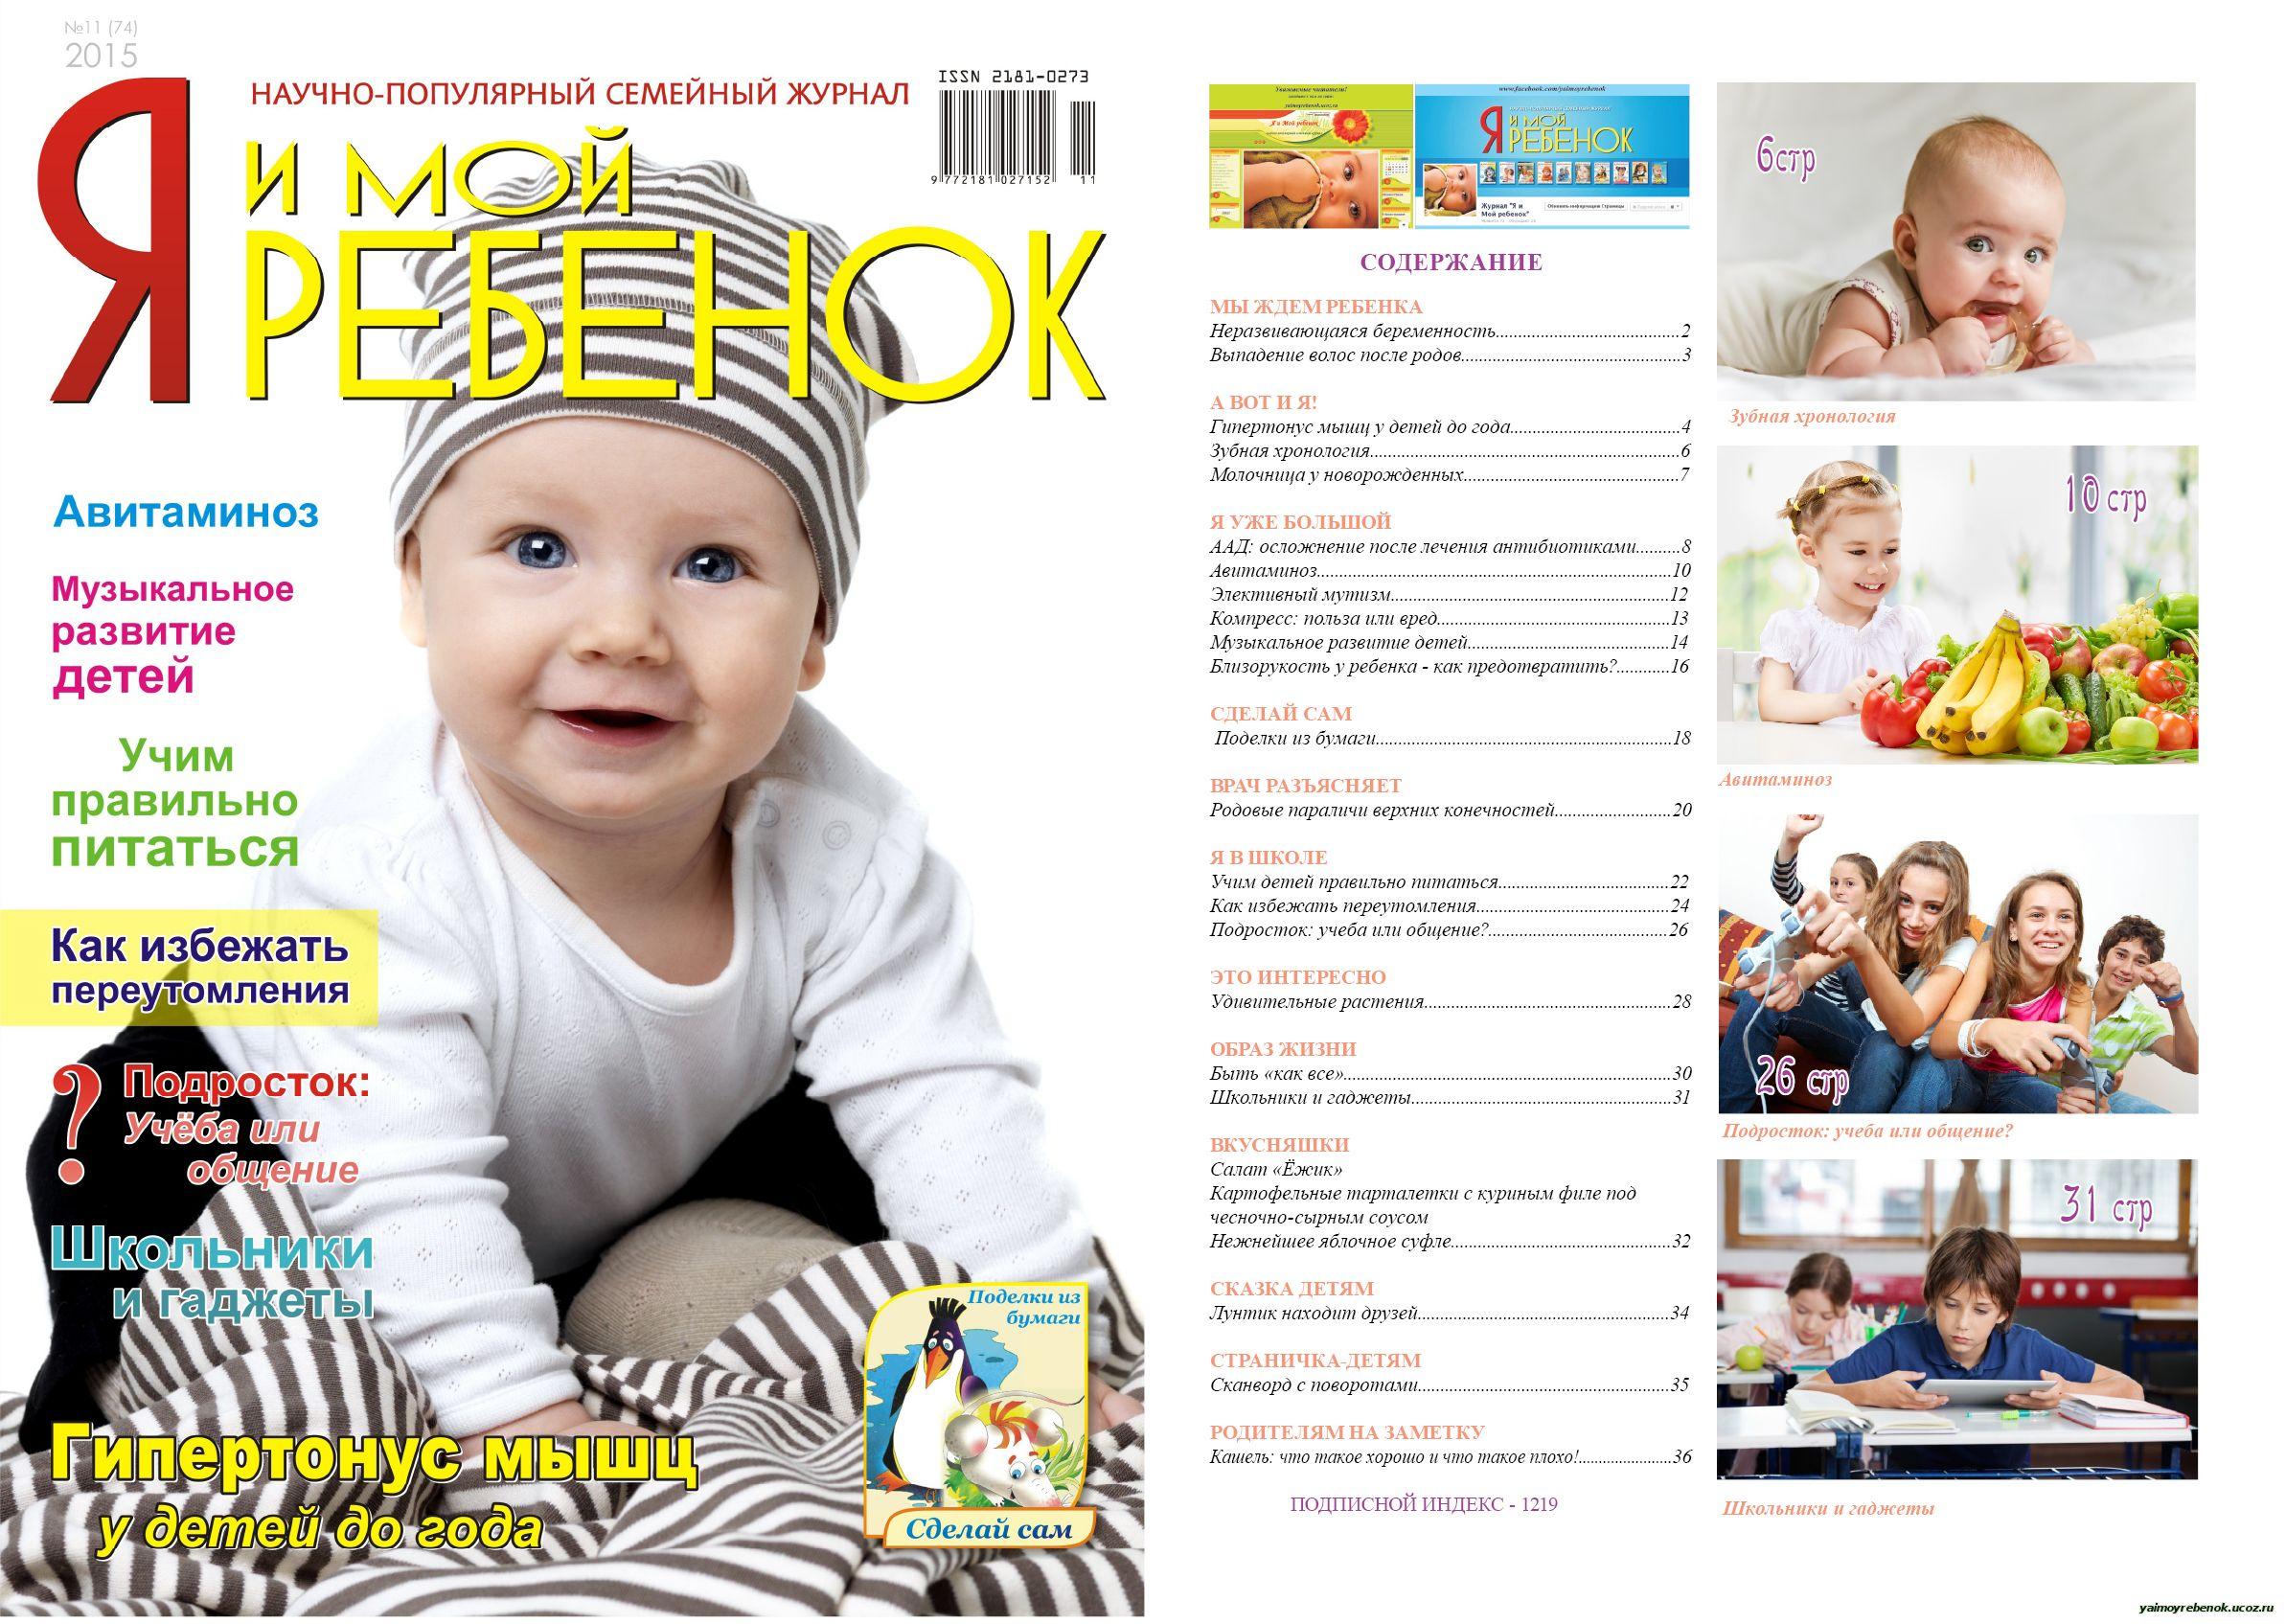 Отправить фото ребенка в журнал